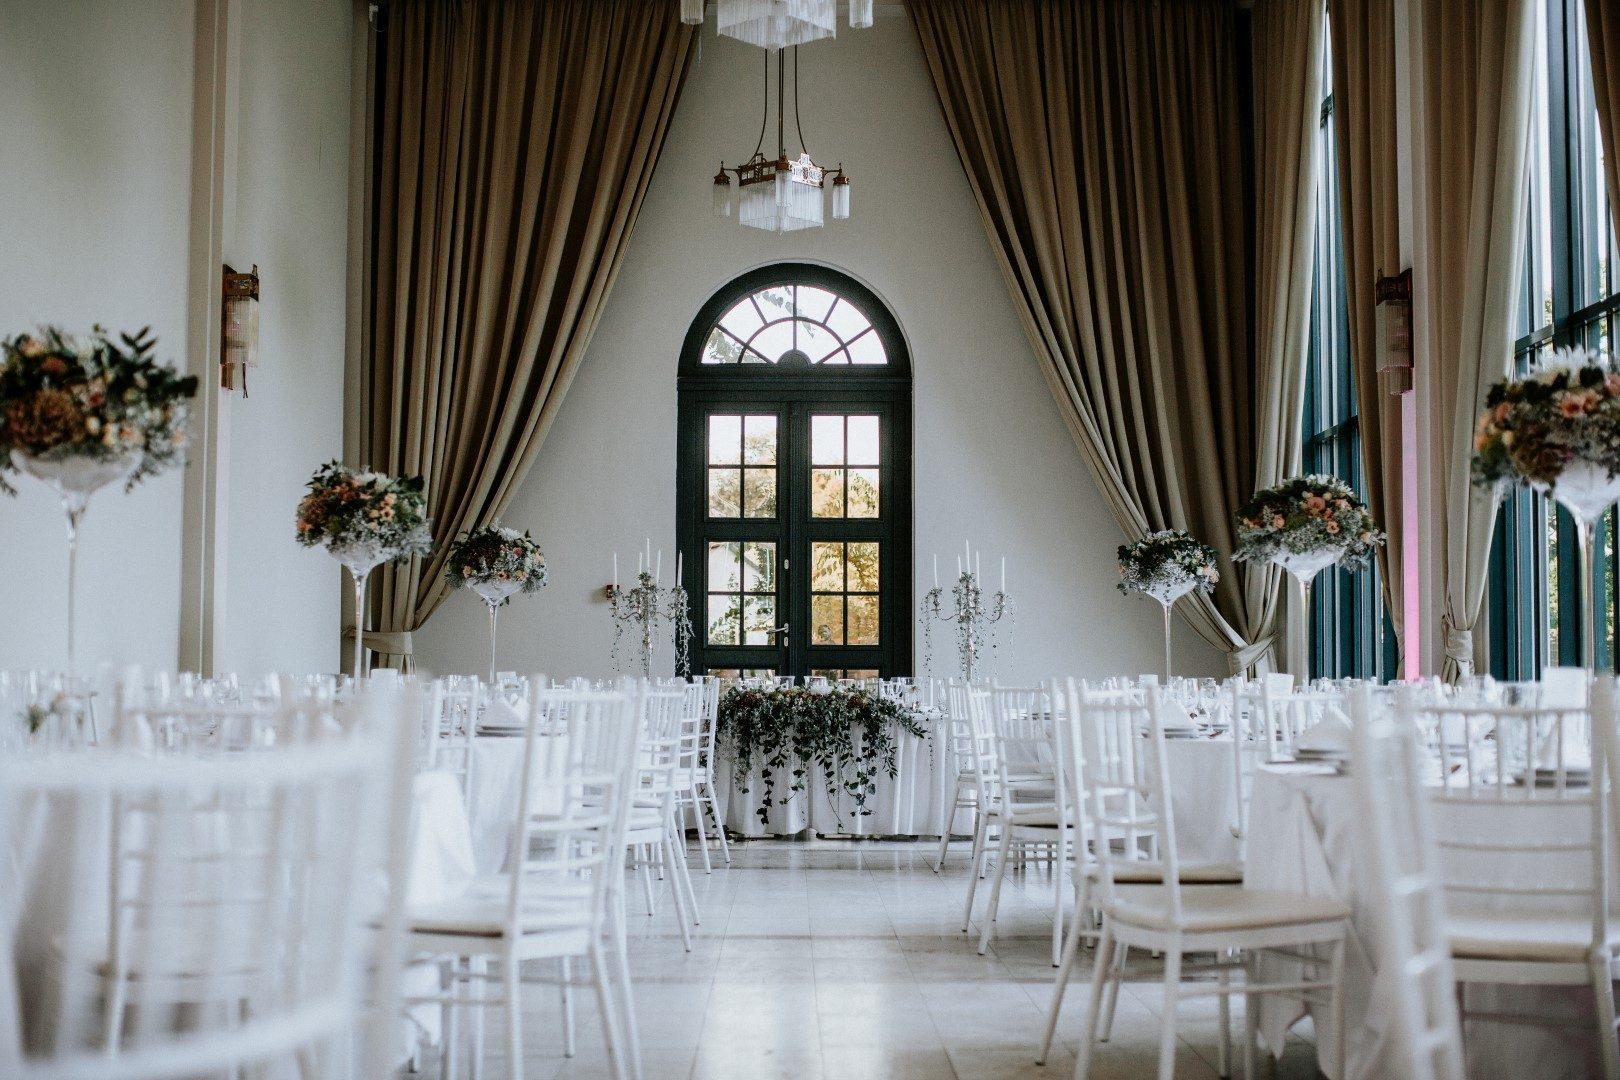 ,tata,tatai esküvő,esküvőváros,tatai esküvők,esküvő tatán,öreg tó,pálmaház,pálmaház esküvő,esküvői helyszínek,vidéki esküvő,